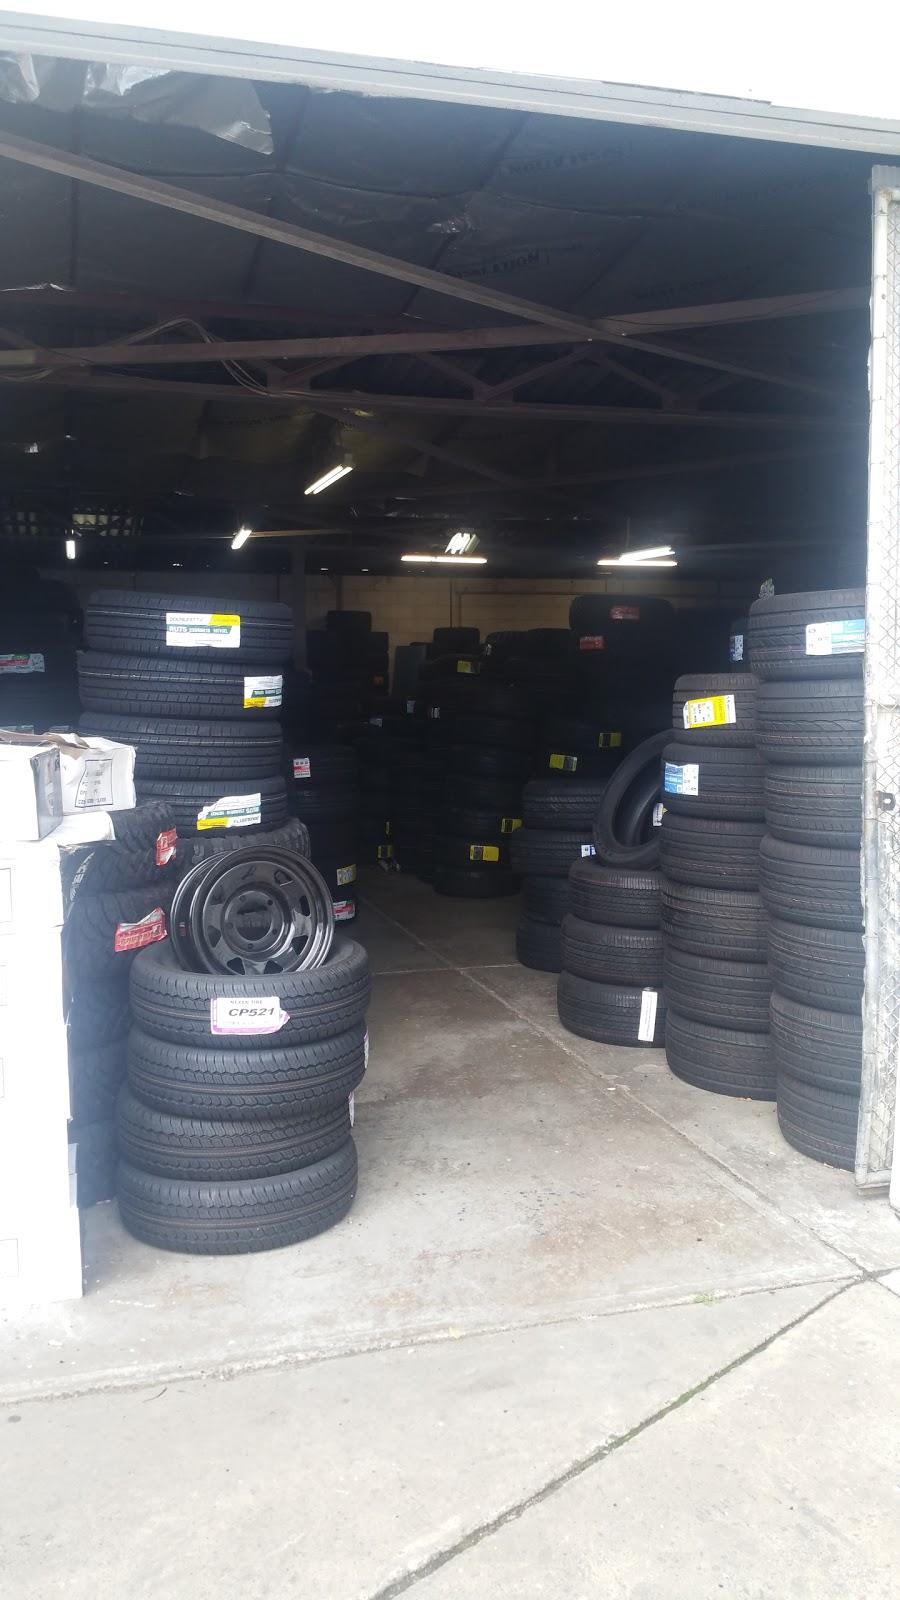 Ashtar Tyres   car repair   5/82 Hamilton Rd, Fairfield NSW 2165, Australia   0415677423 OR +61 415 677 423